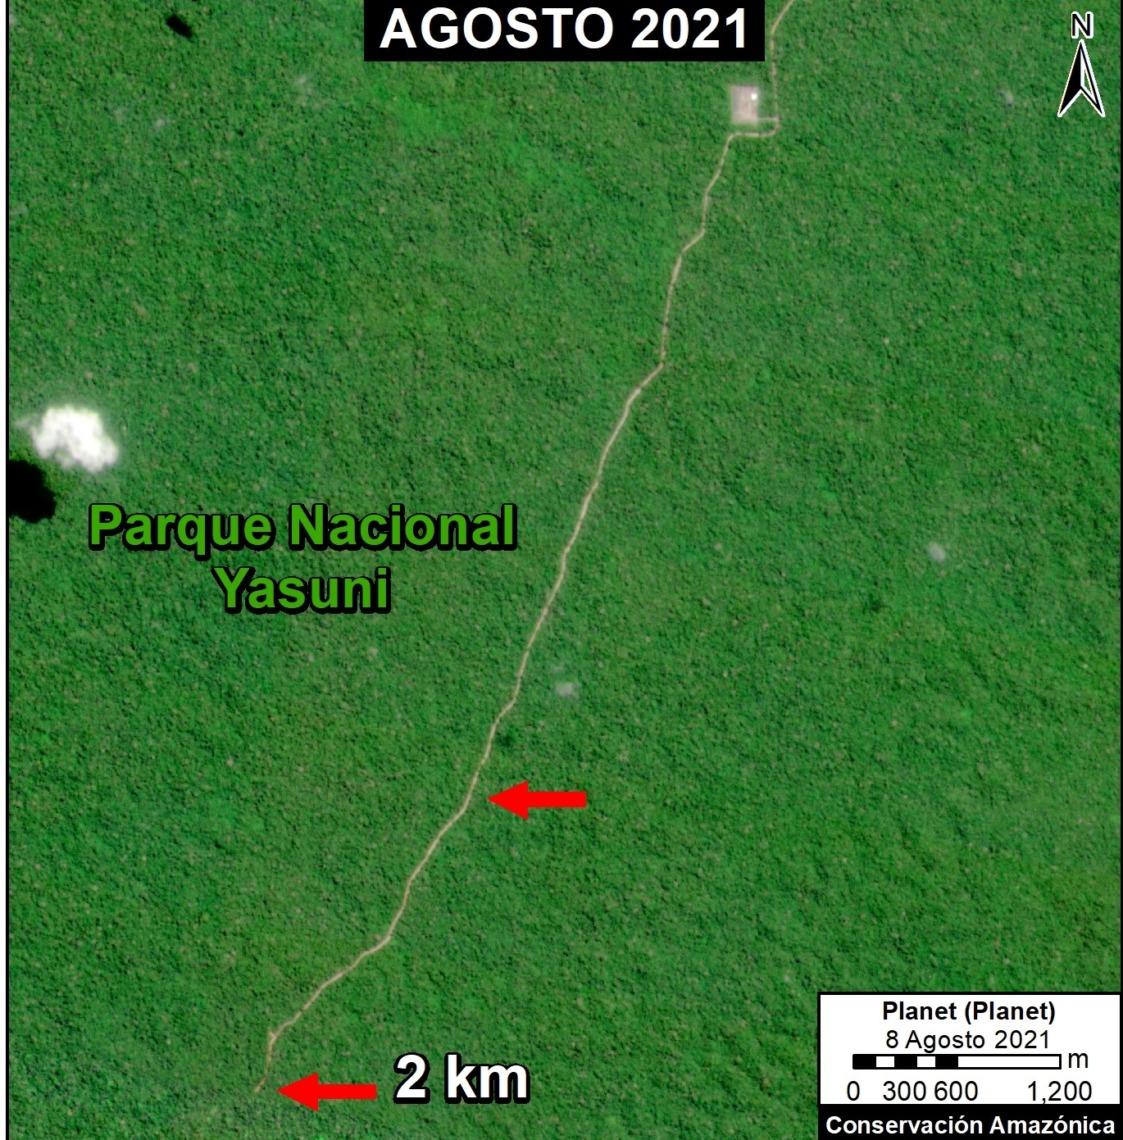 La expansión de la carretera hacia yacimientos petroleros dentro del Parque Nacional Yasuní se extiende en dirección a la Zona Intangible. Datos: Planet, ACA/MAAP.